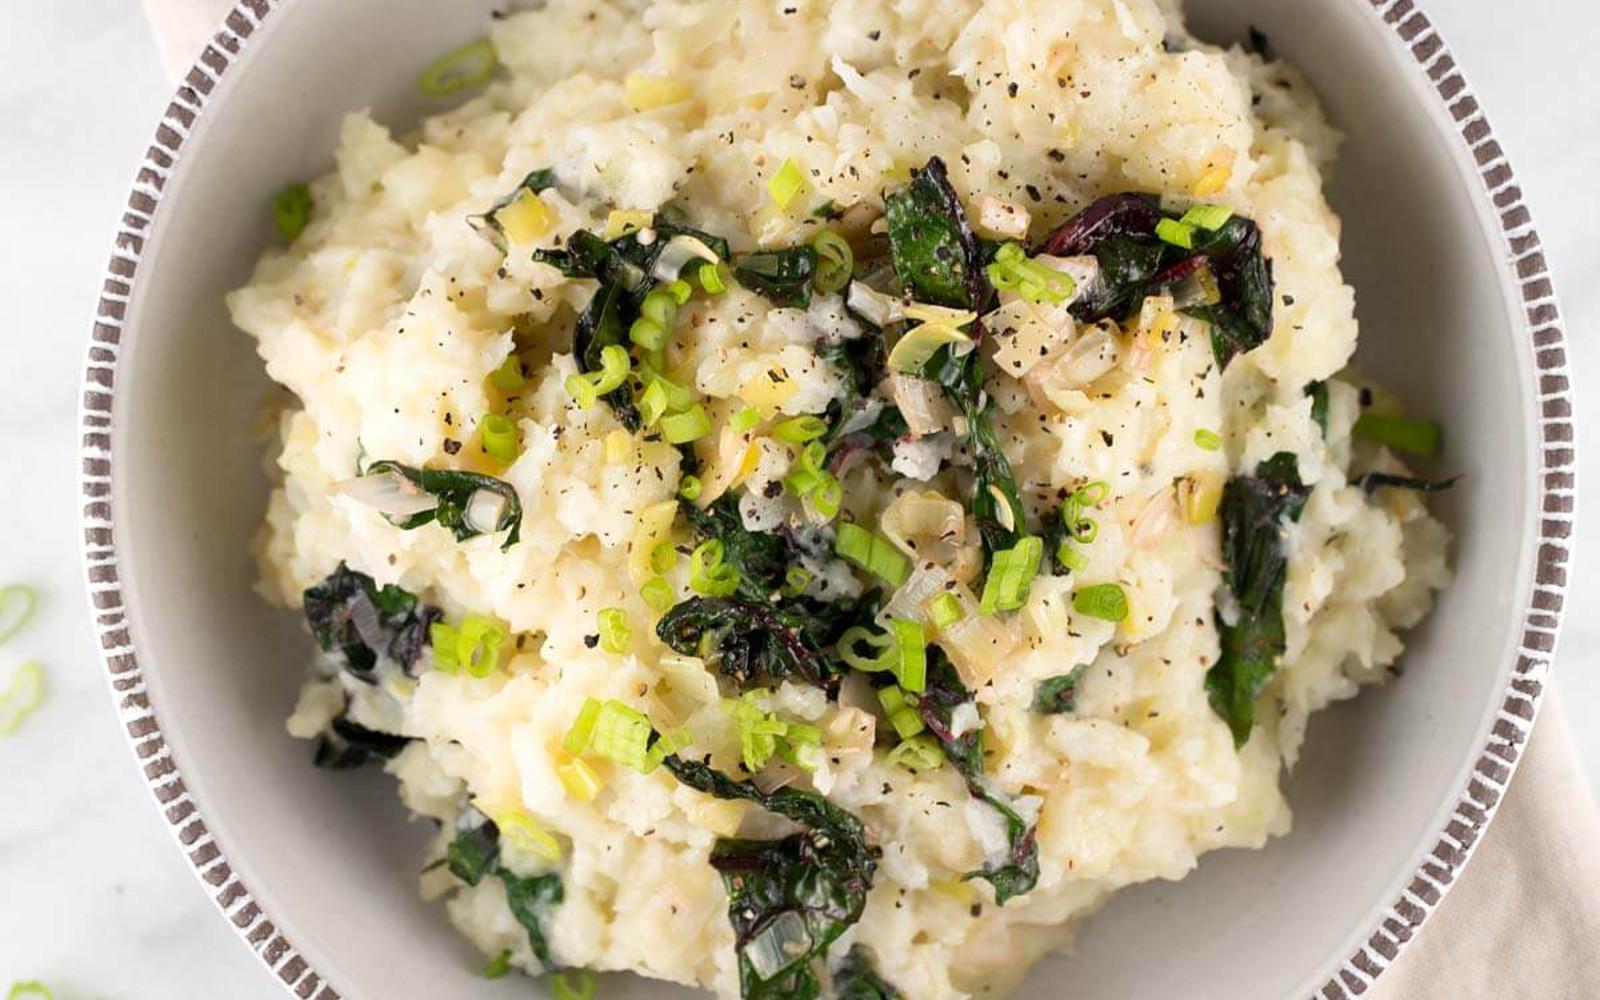 Cauliflower Mashed Potatoes With Swiss Chard